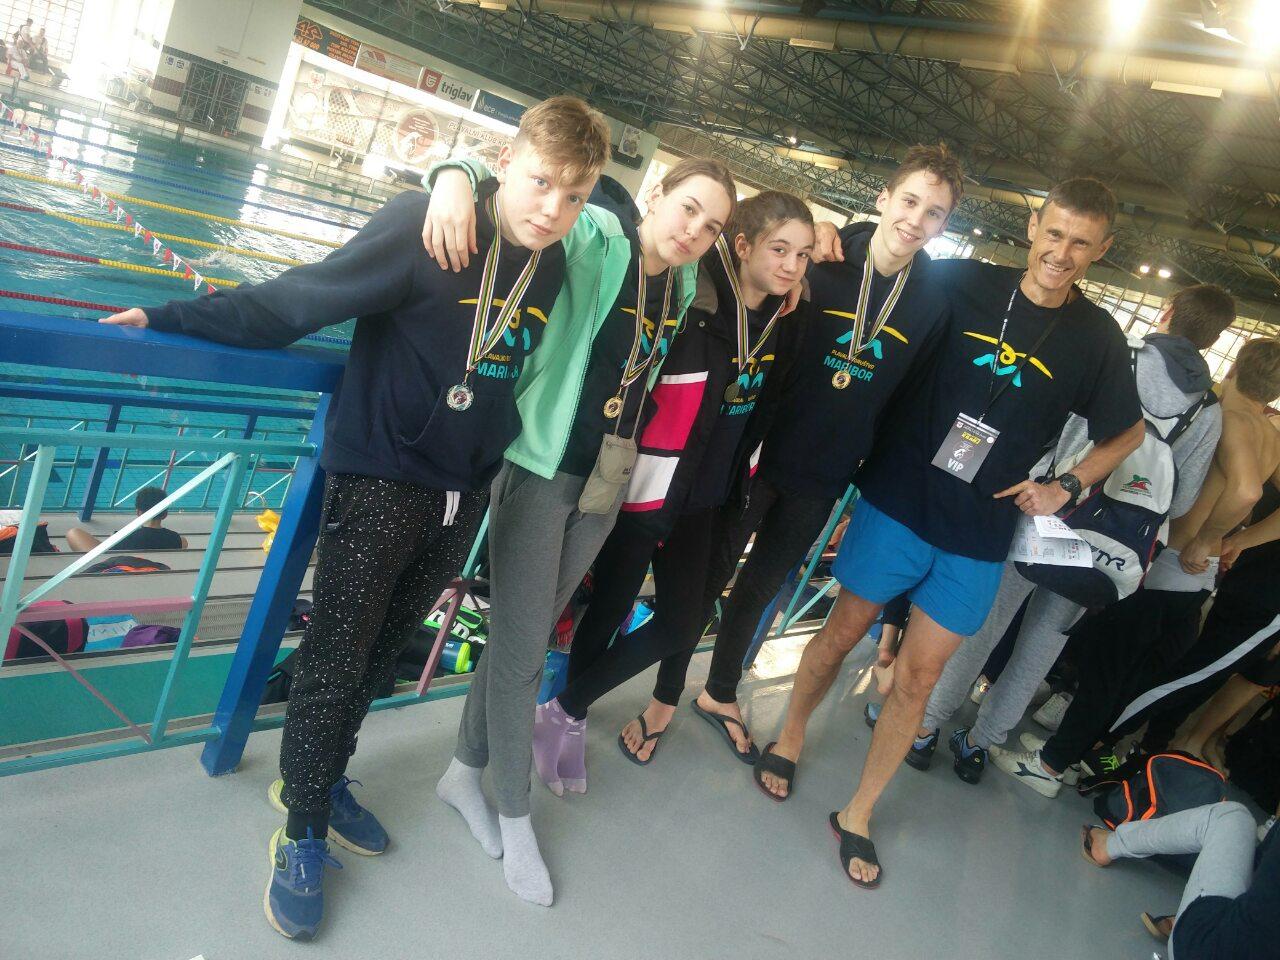 Tian Kosec je osvojil še eno zlato medaljo na 200 Mixed z oceno 2:33:46, Vse pohvale za vloženo Trude in Rad! Čestitamo :-)